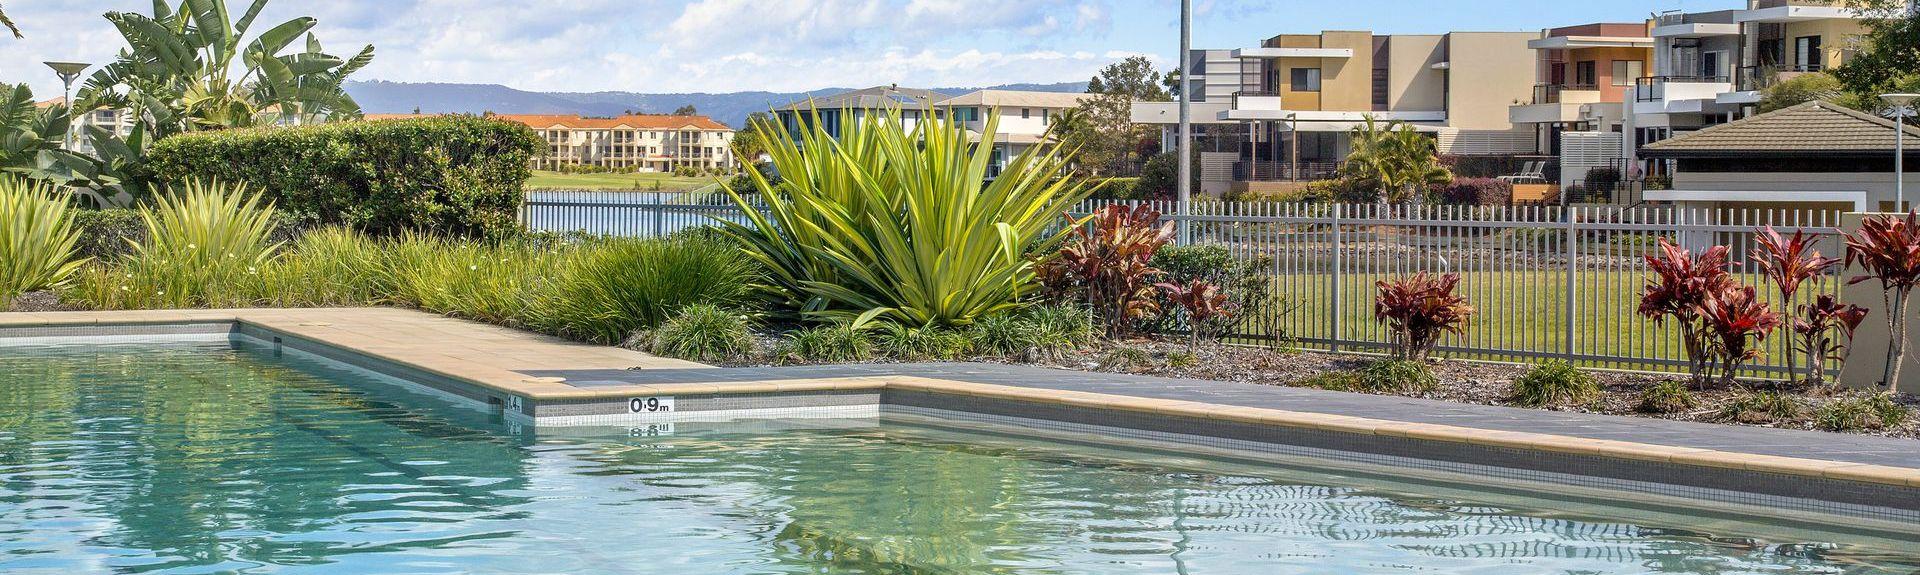 Sanctuary Cove, Gold Coast, Queensland, Australien